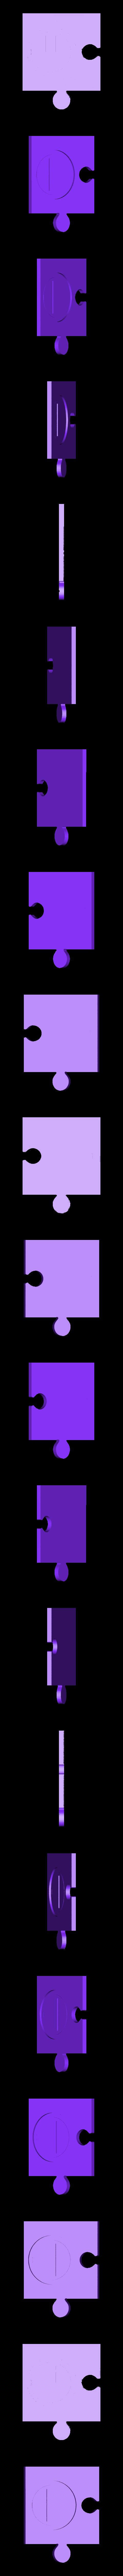 dessous de verre puzzle sens interdit.stl Download STL file PUZZLE UNDER GLASS SIGNALING PANEL • Template to 3D print, catf3d